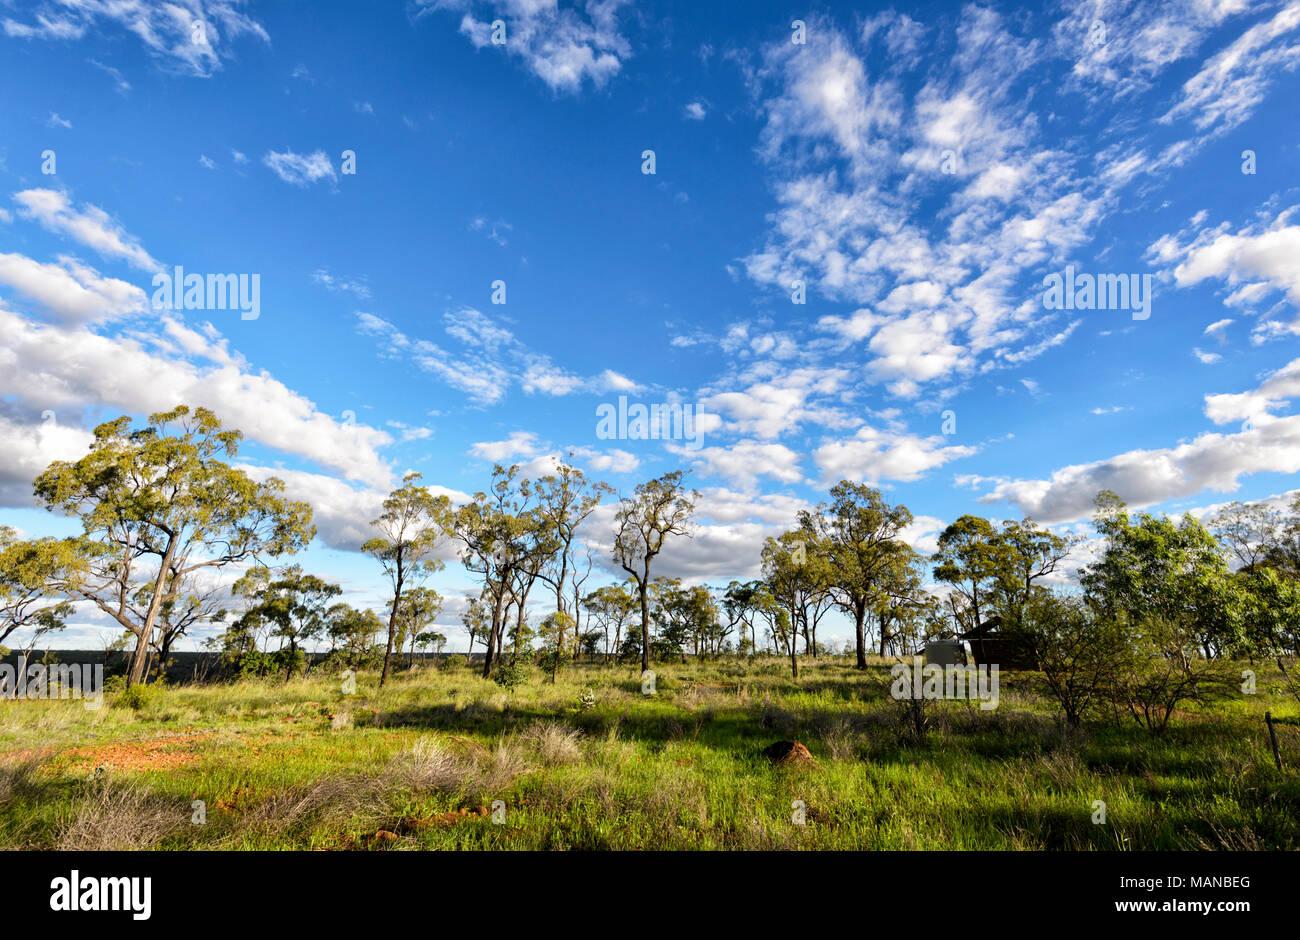 Savannah en haut de Porcupine Gorge National Park, Queensland, Queensland, Australie Photo Stock